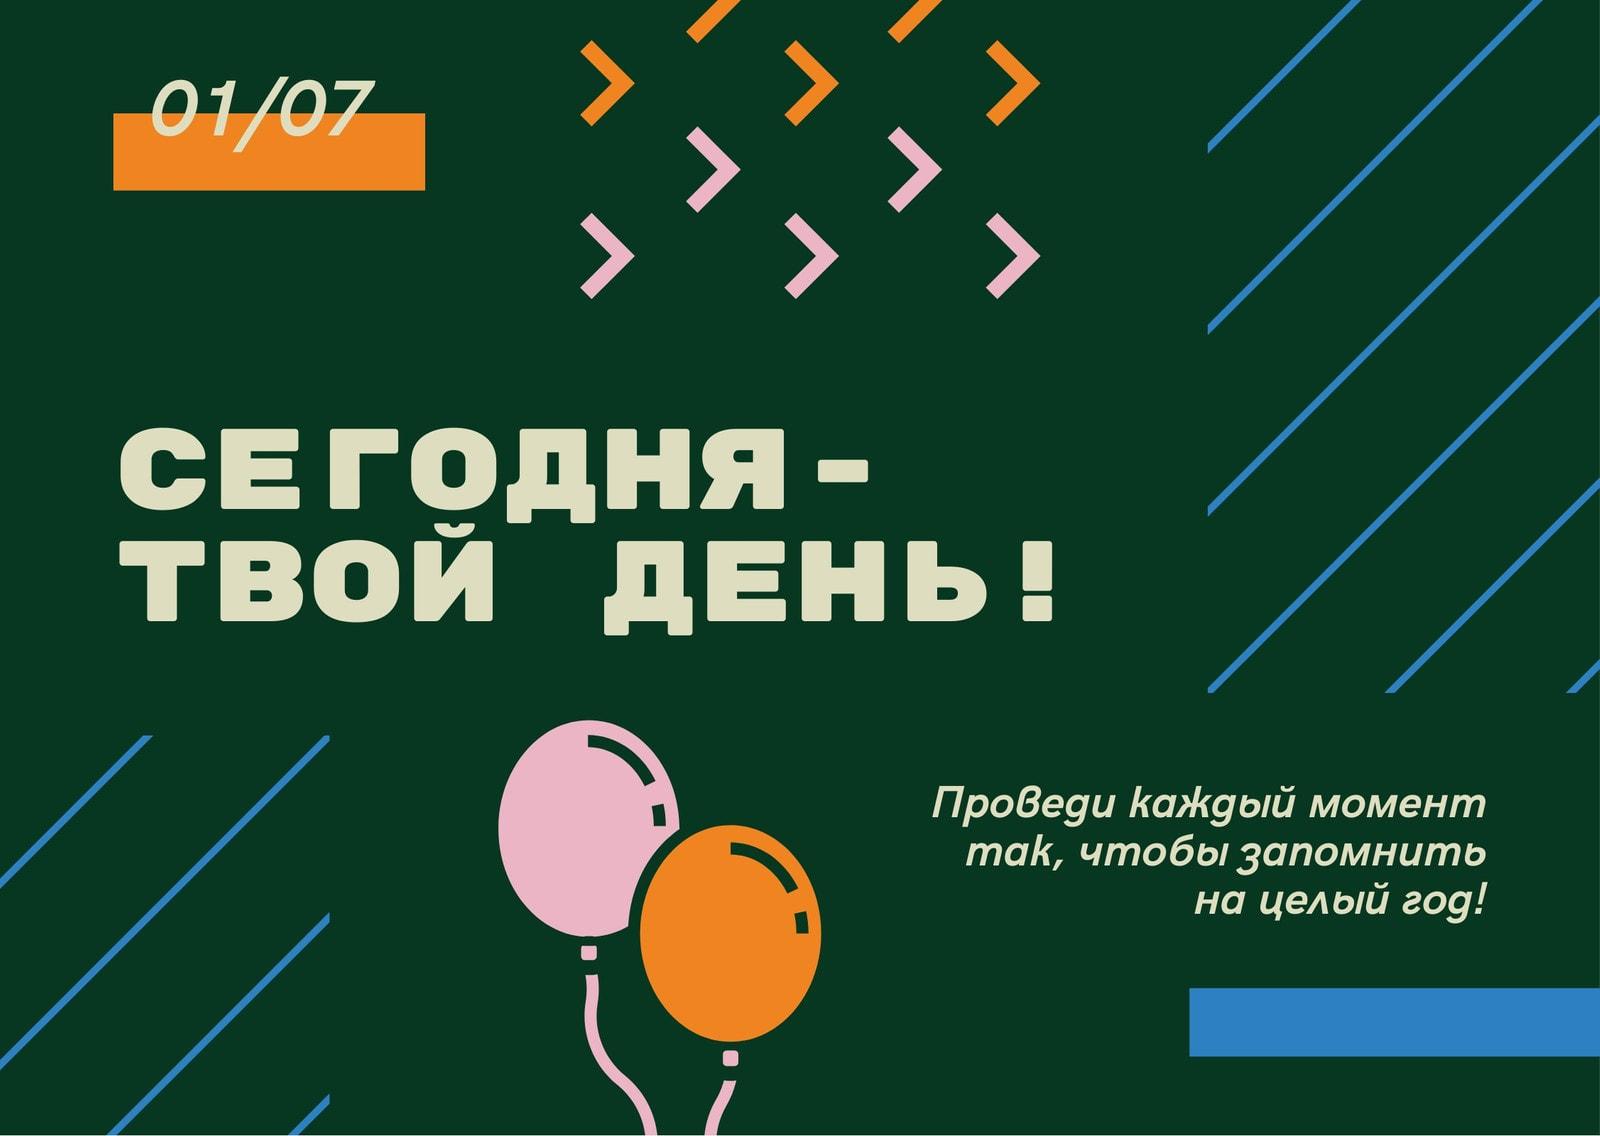 Зеленая открытка на день рождения с геометрической графикой